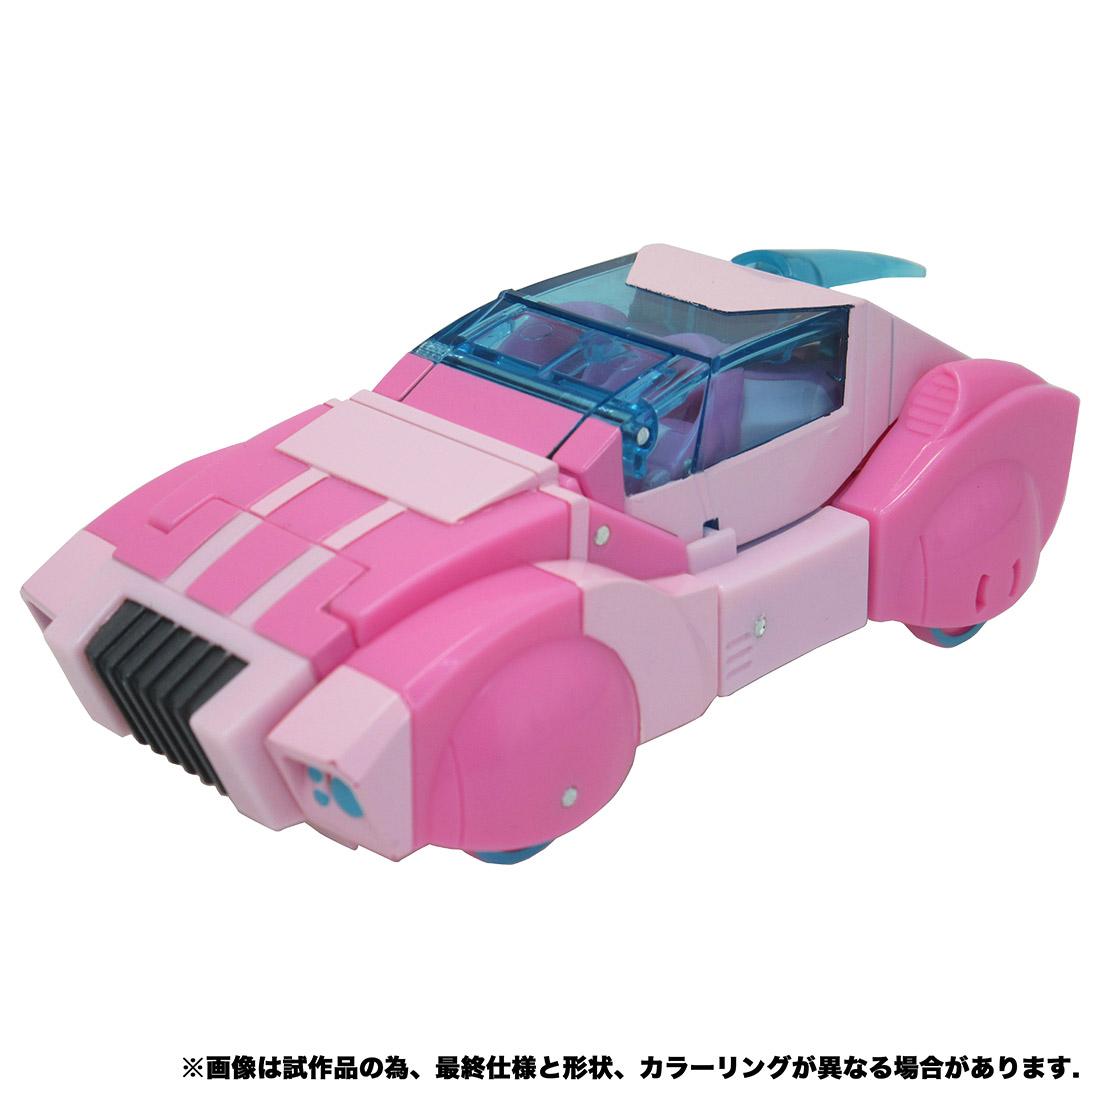 【限定販売】サイバーバース アクションマスター07『アーシー』トランスフォーマー 可変可動フィギュア-003